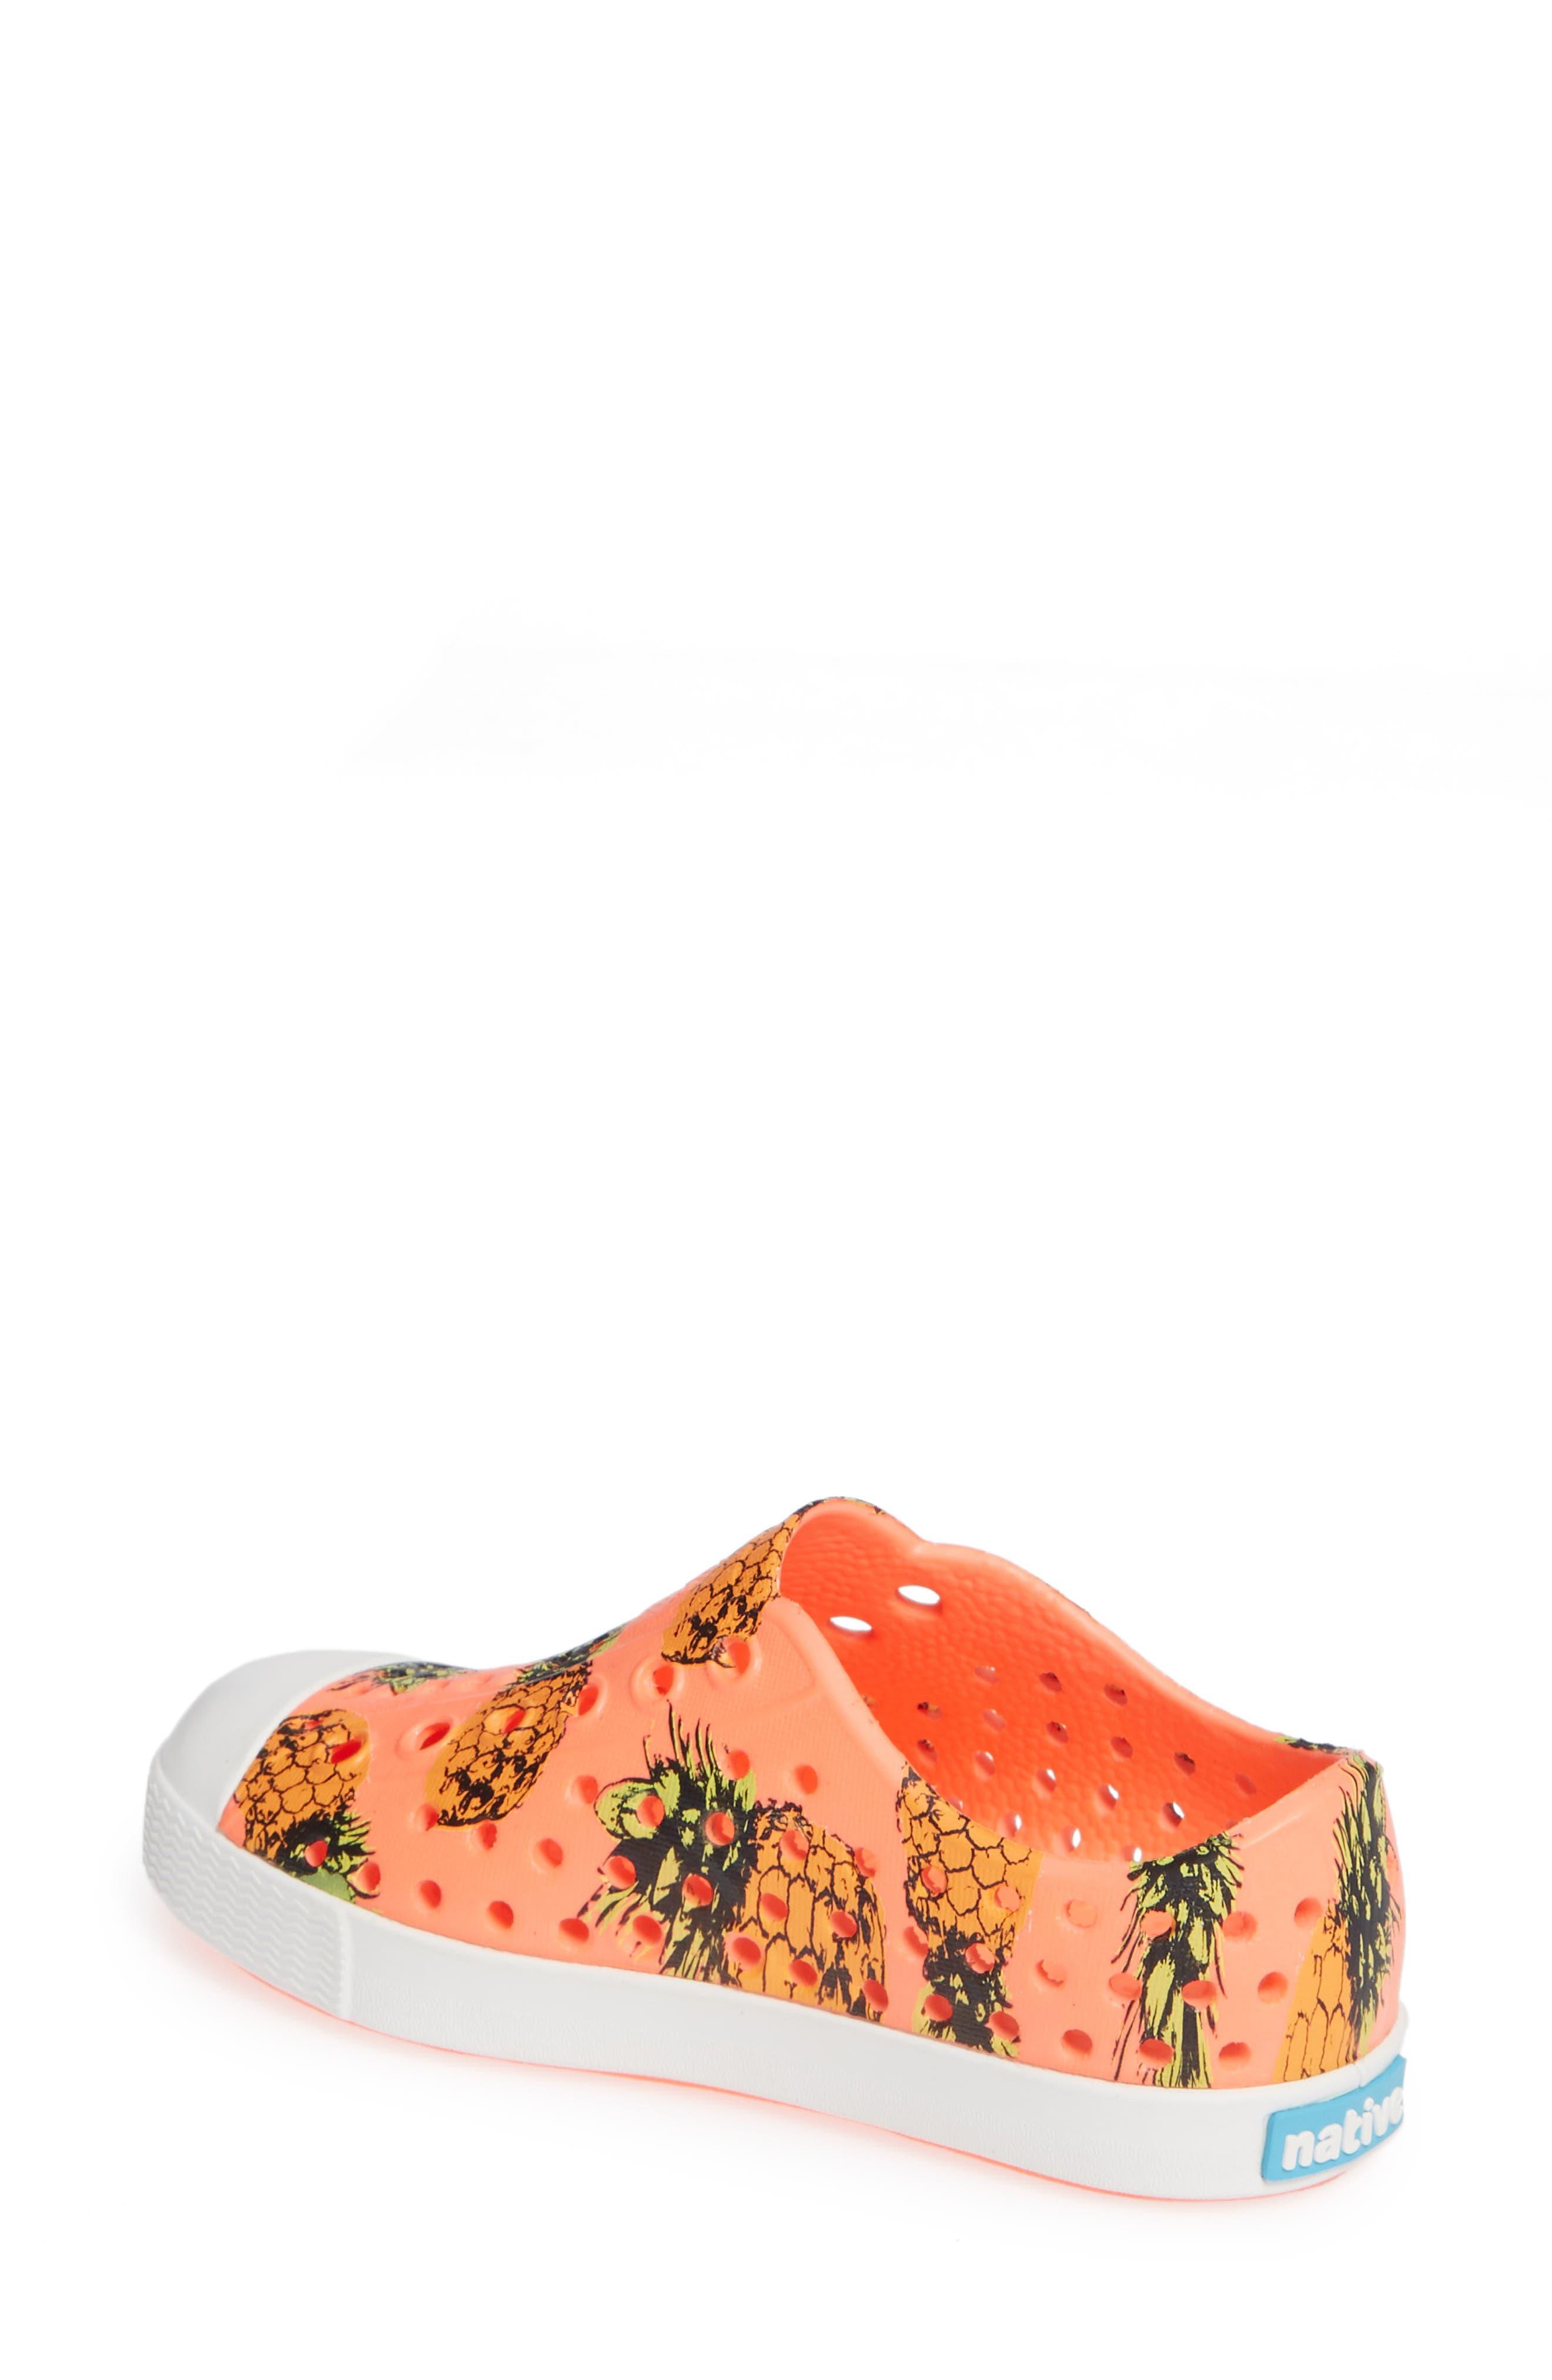 Jefferson Quartz Slip-On Sneaker,                             Alternate thumbnail 2, color,                             725